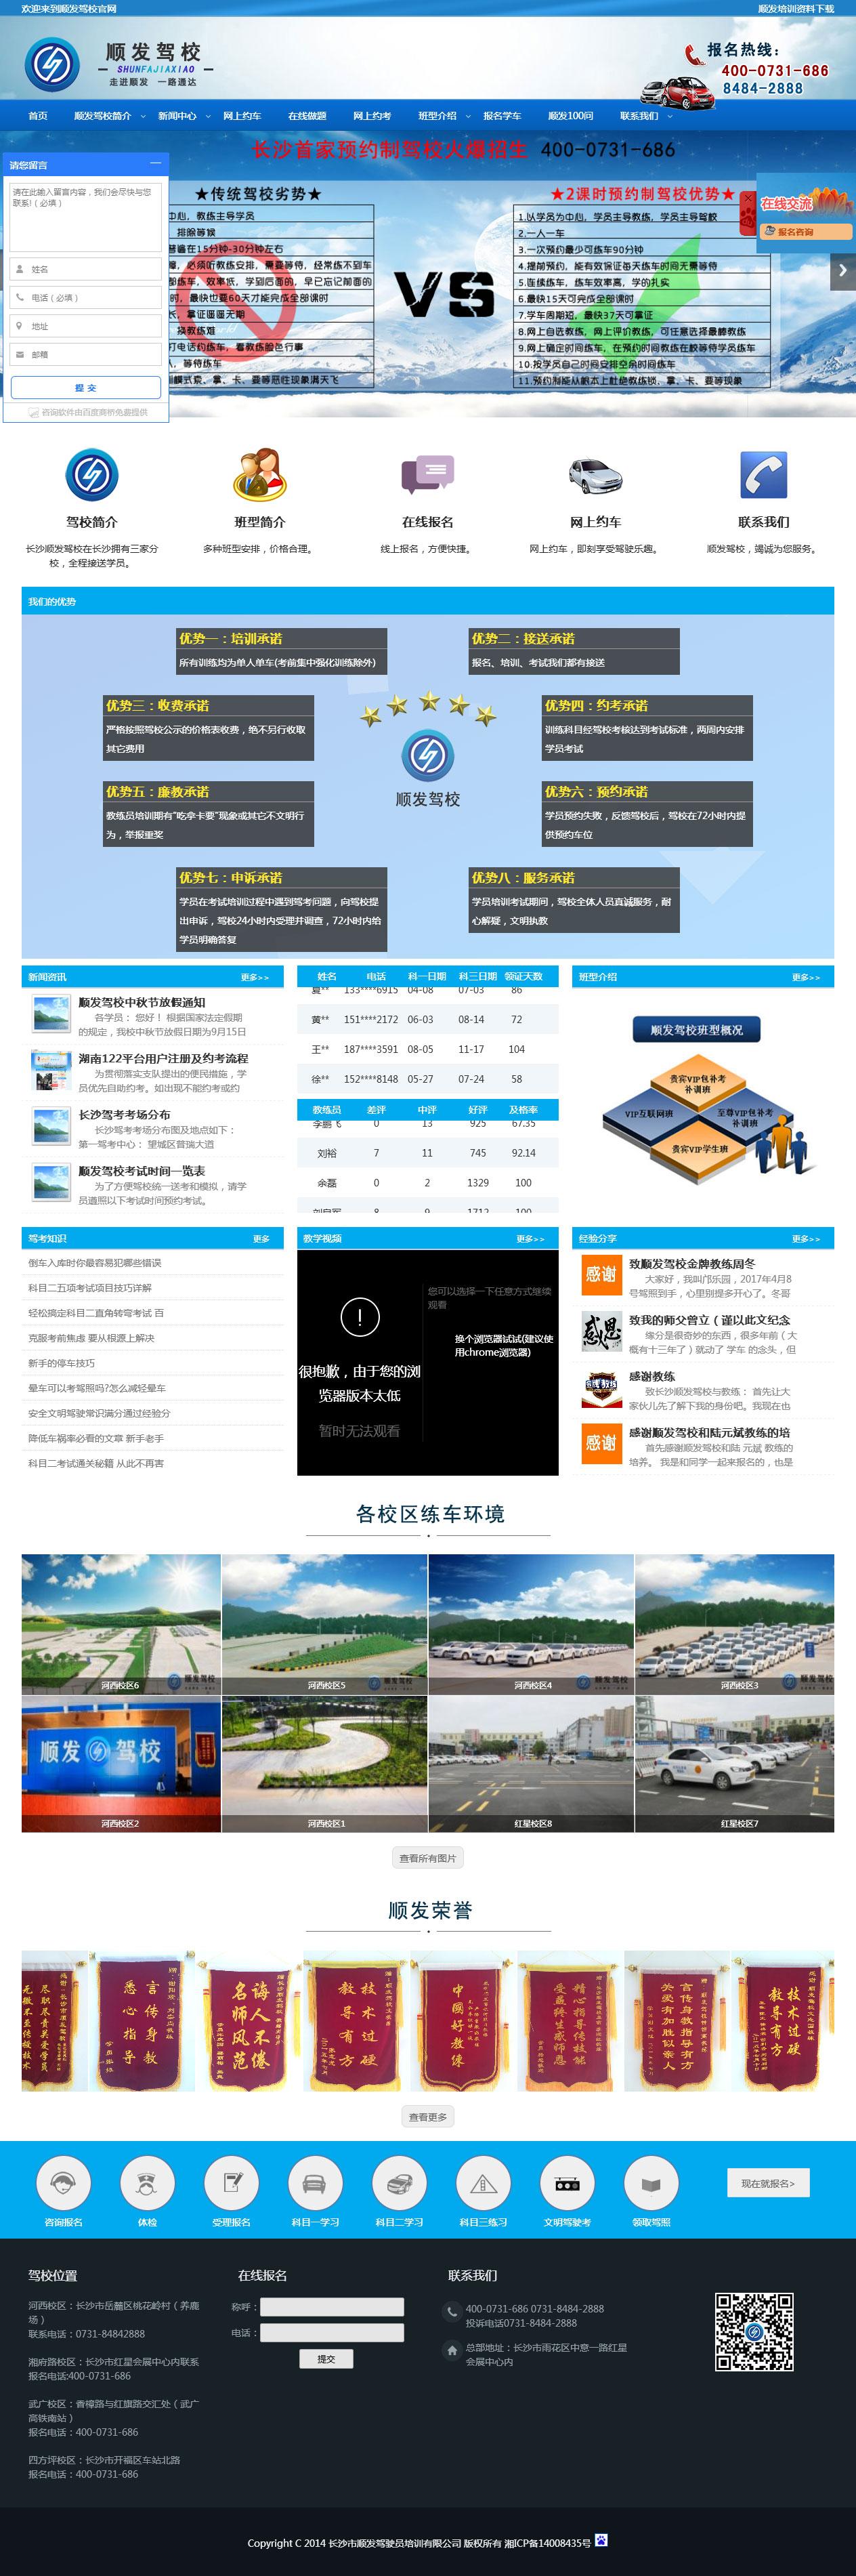 长沙顺发驾校亚博体育app下载安卓版制作案例